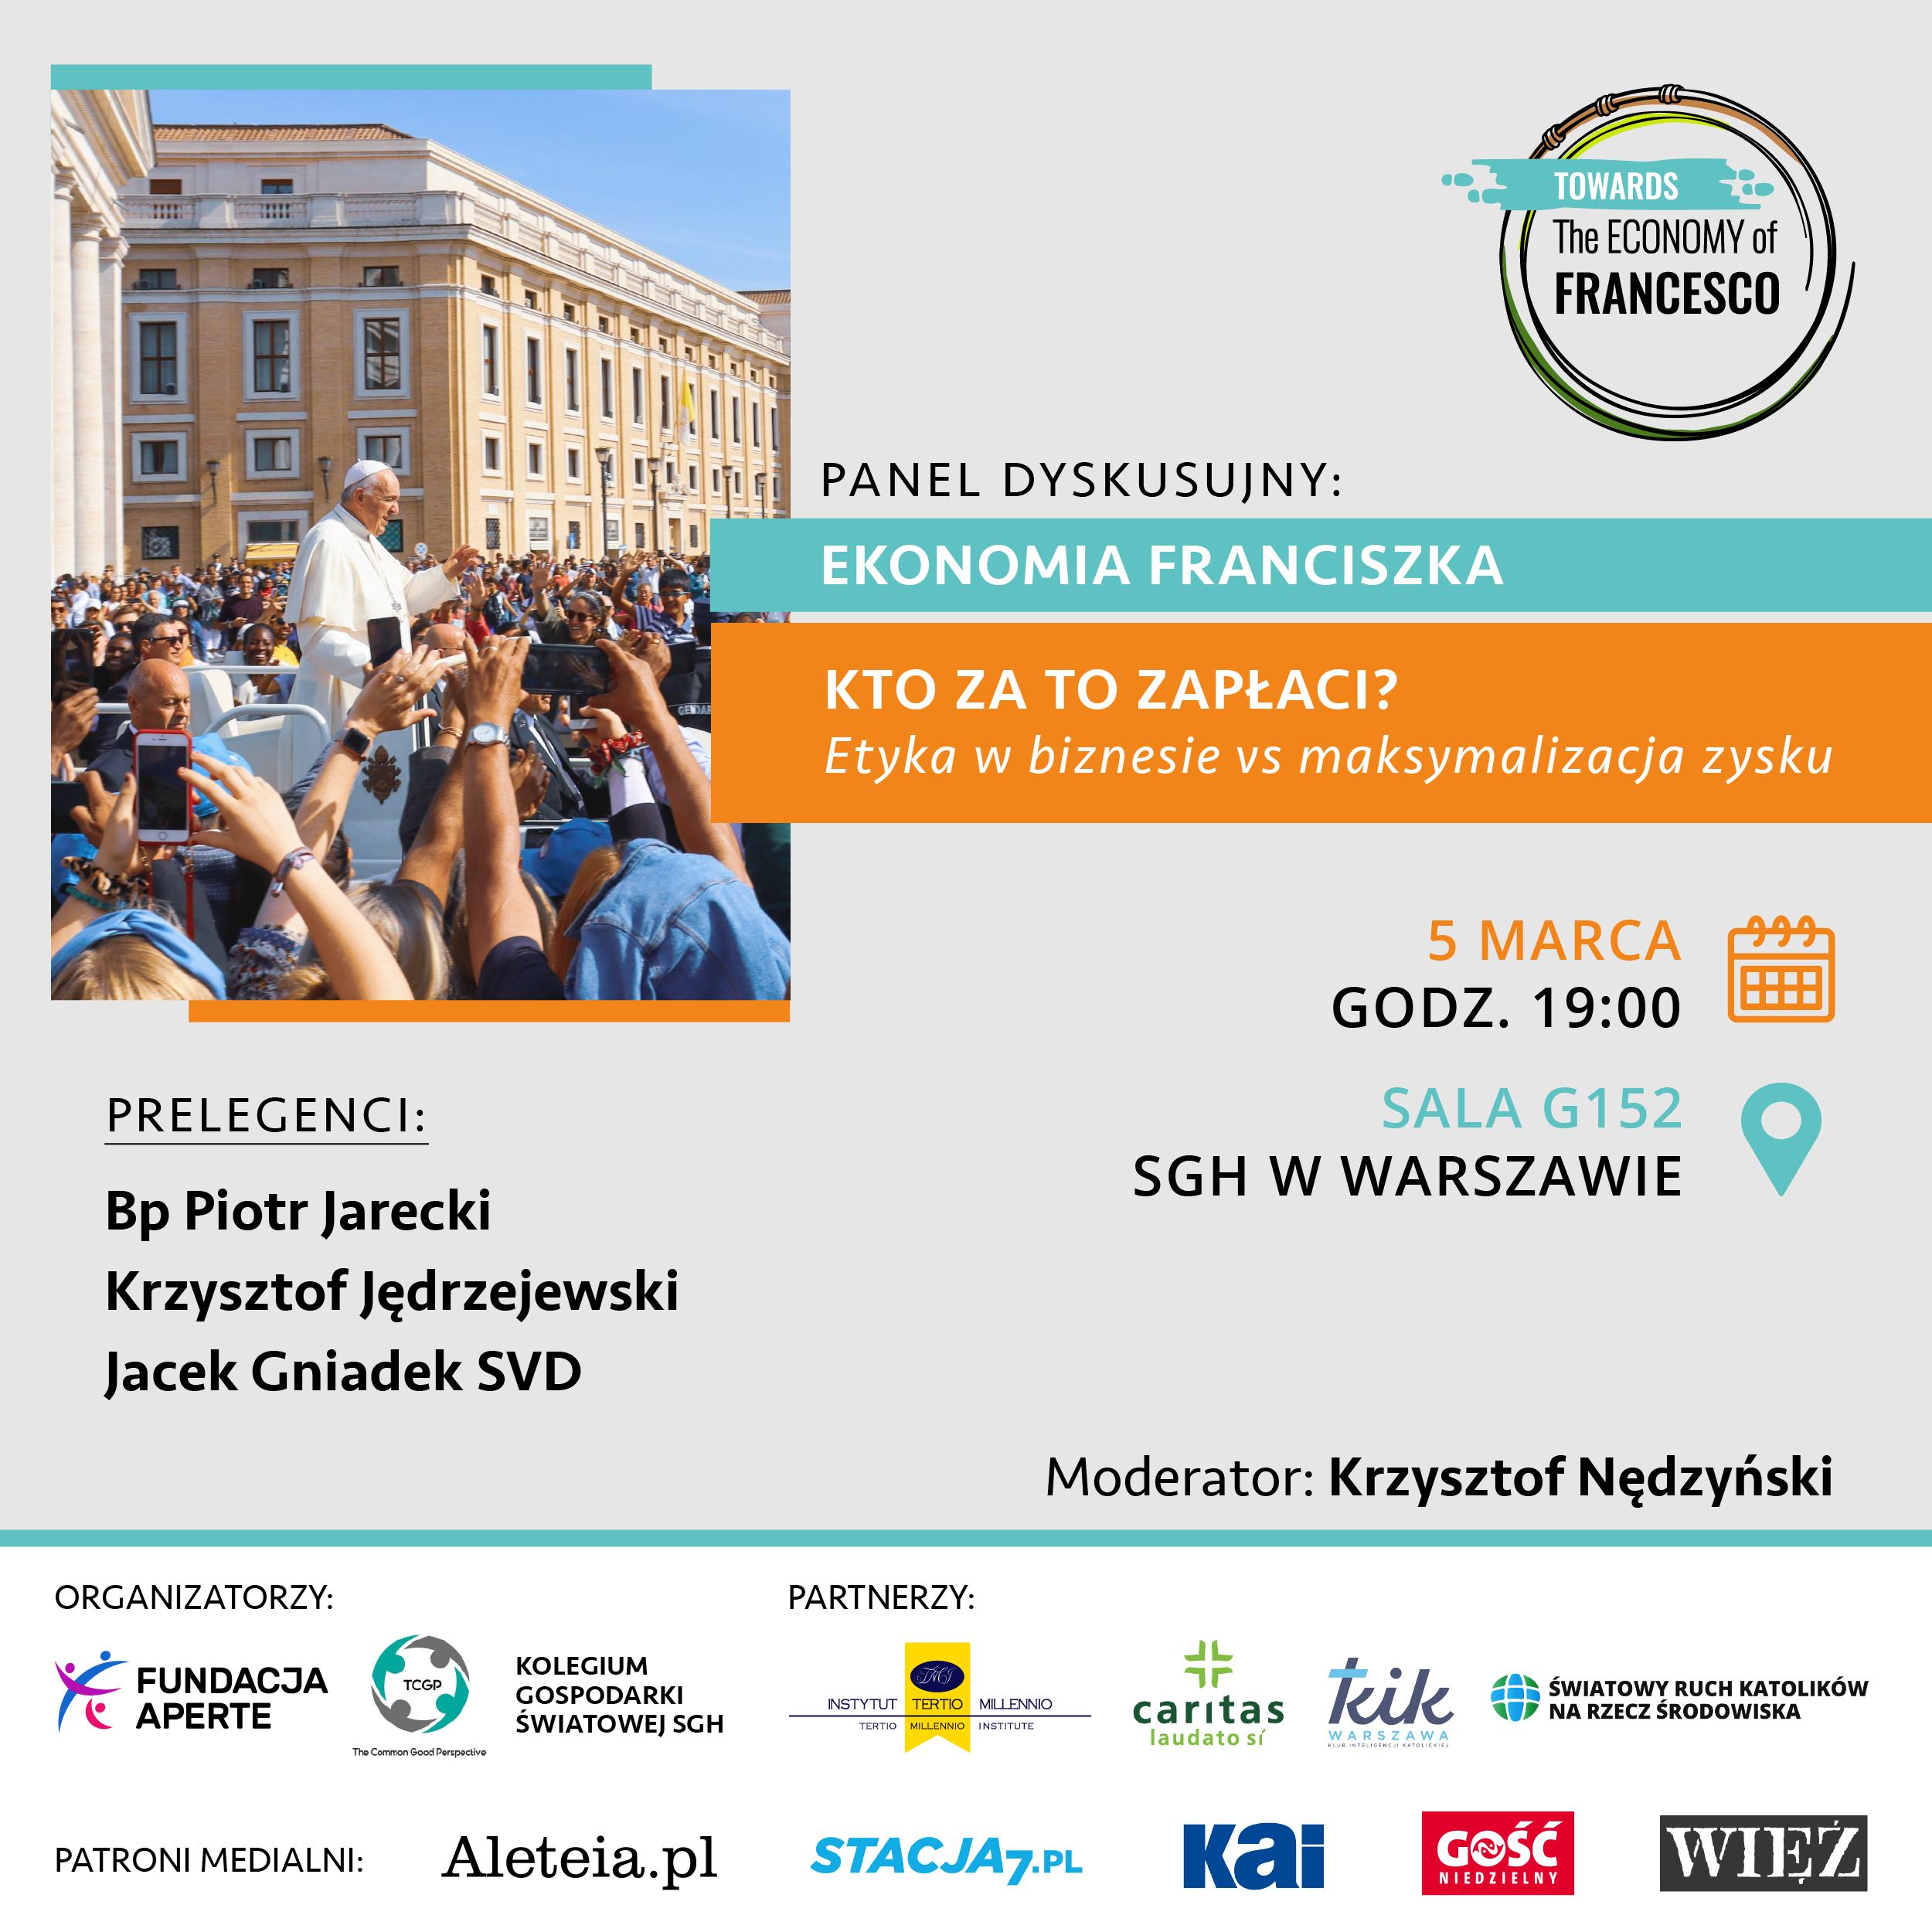 Ekonomia Franciszka - debata młodych w Warszawie